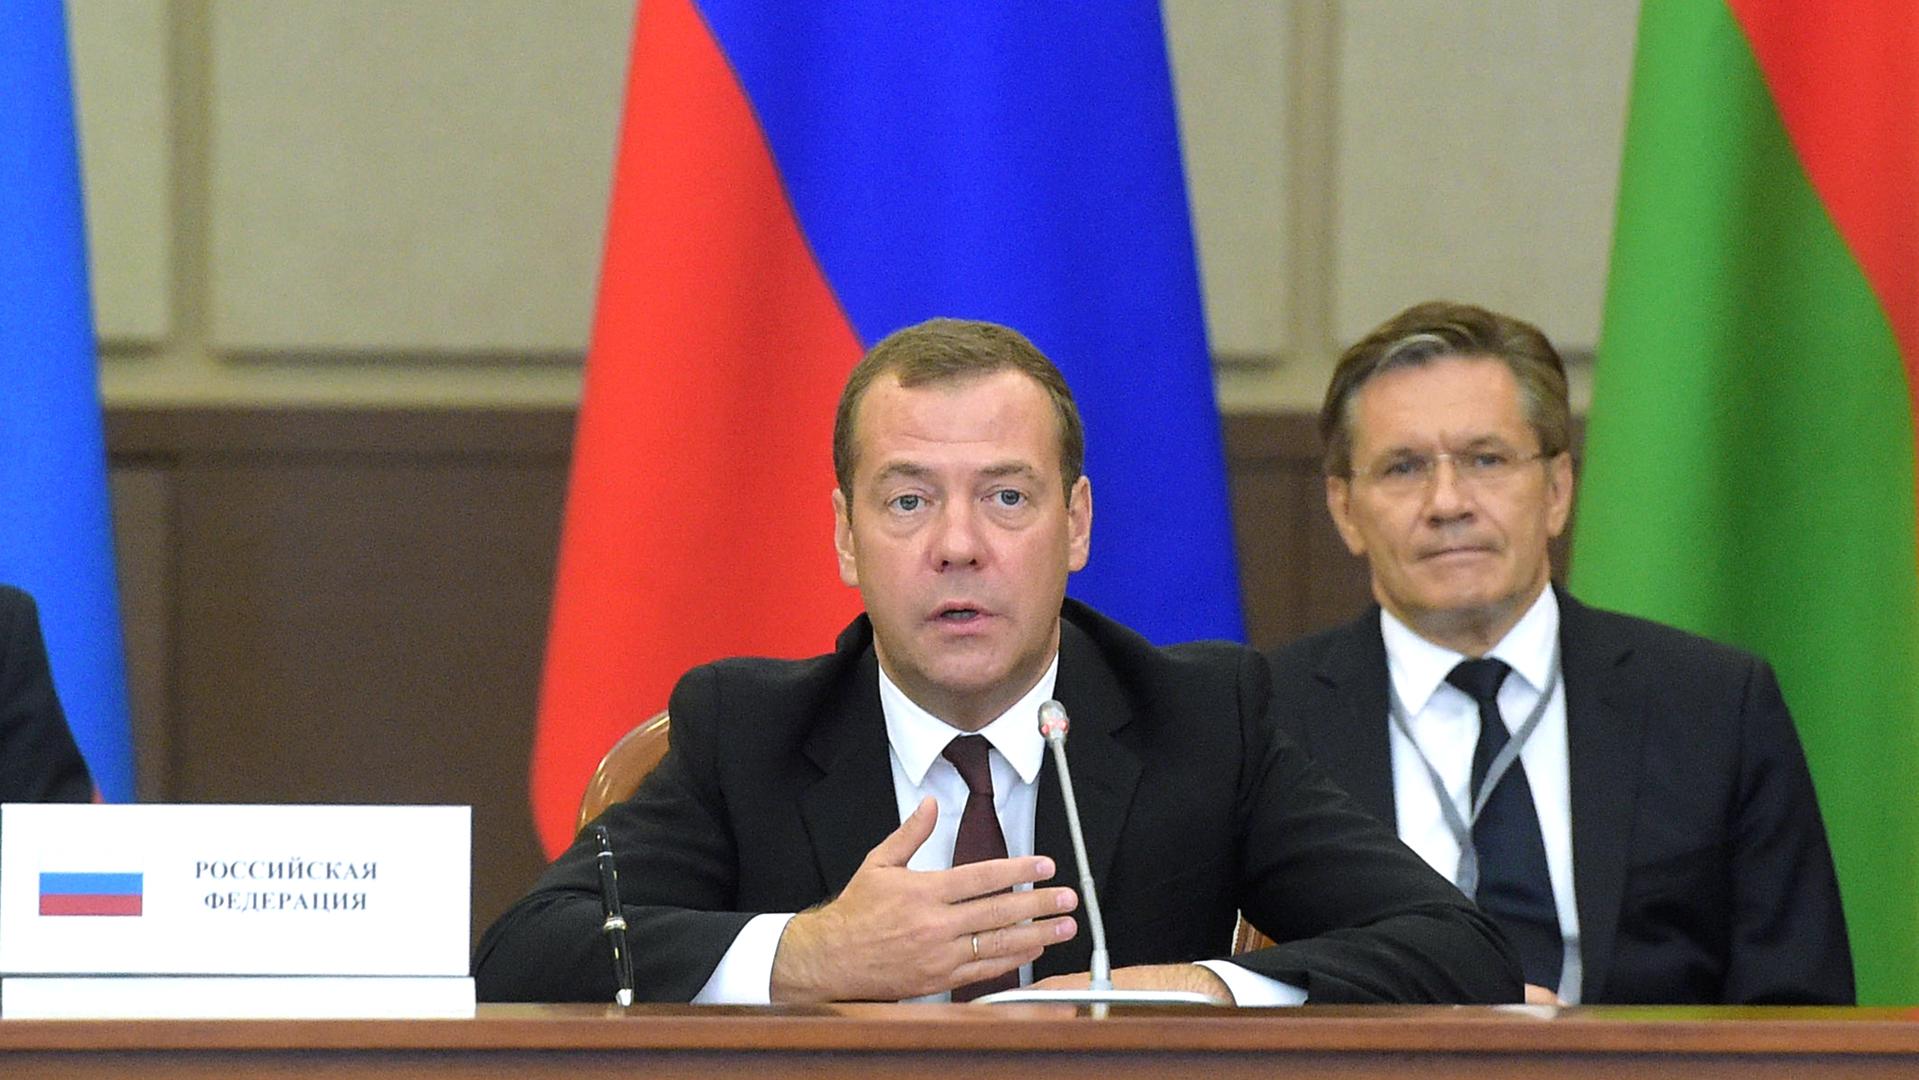 Дмитрий Медведев: Попытка теракта в Крыму — преступление против государства и народа РФ